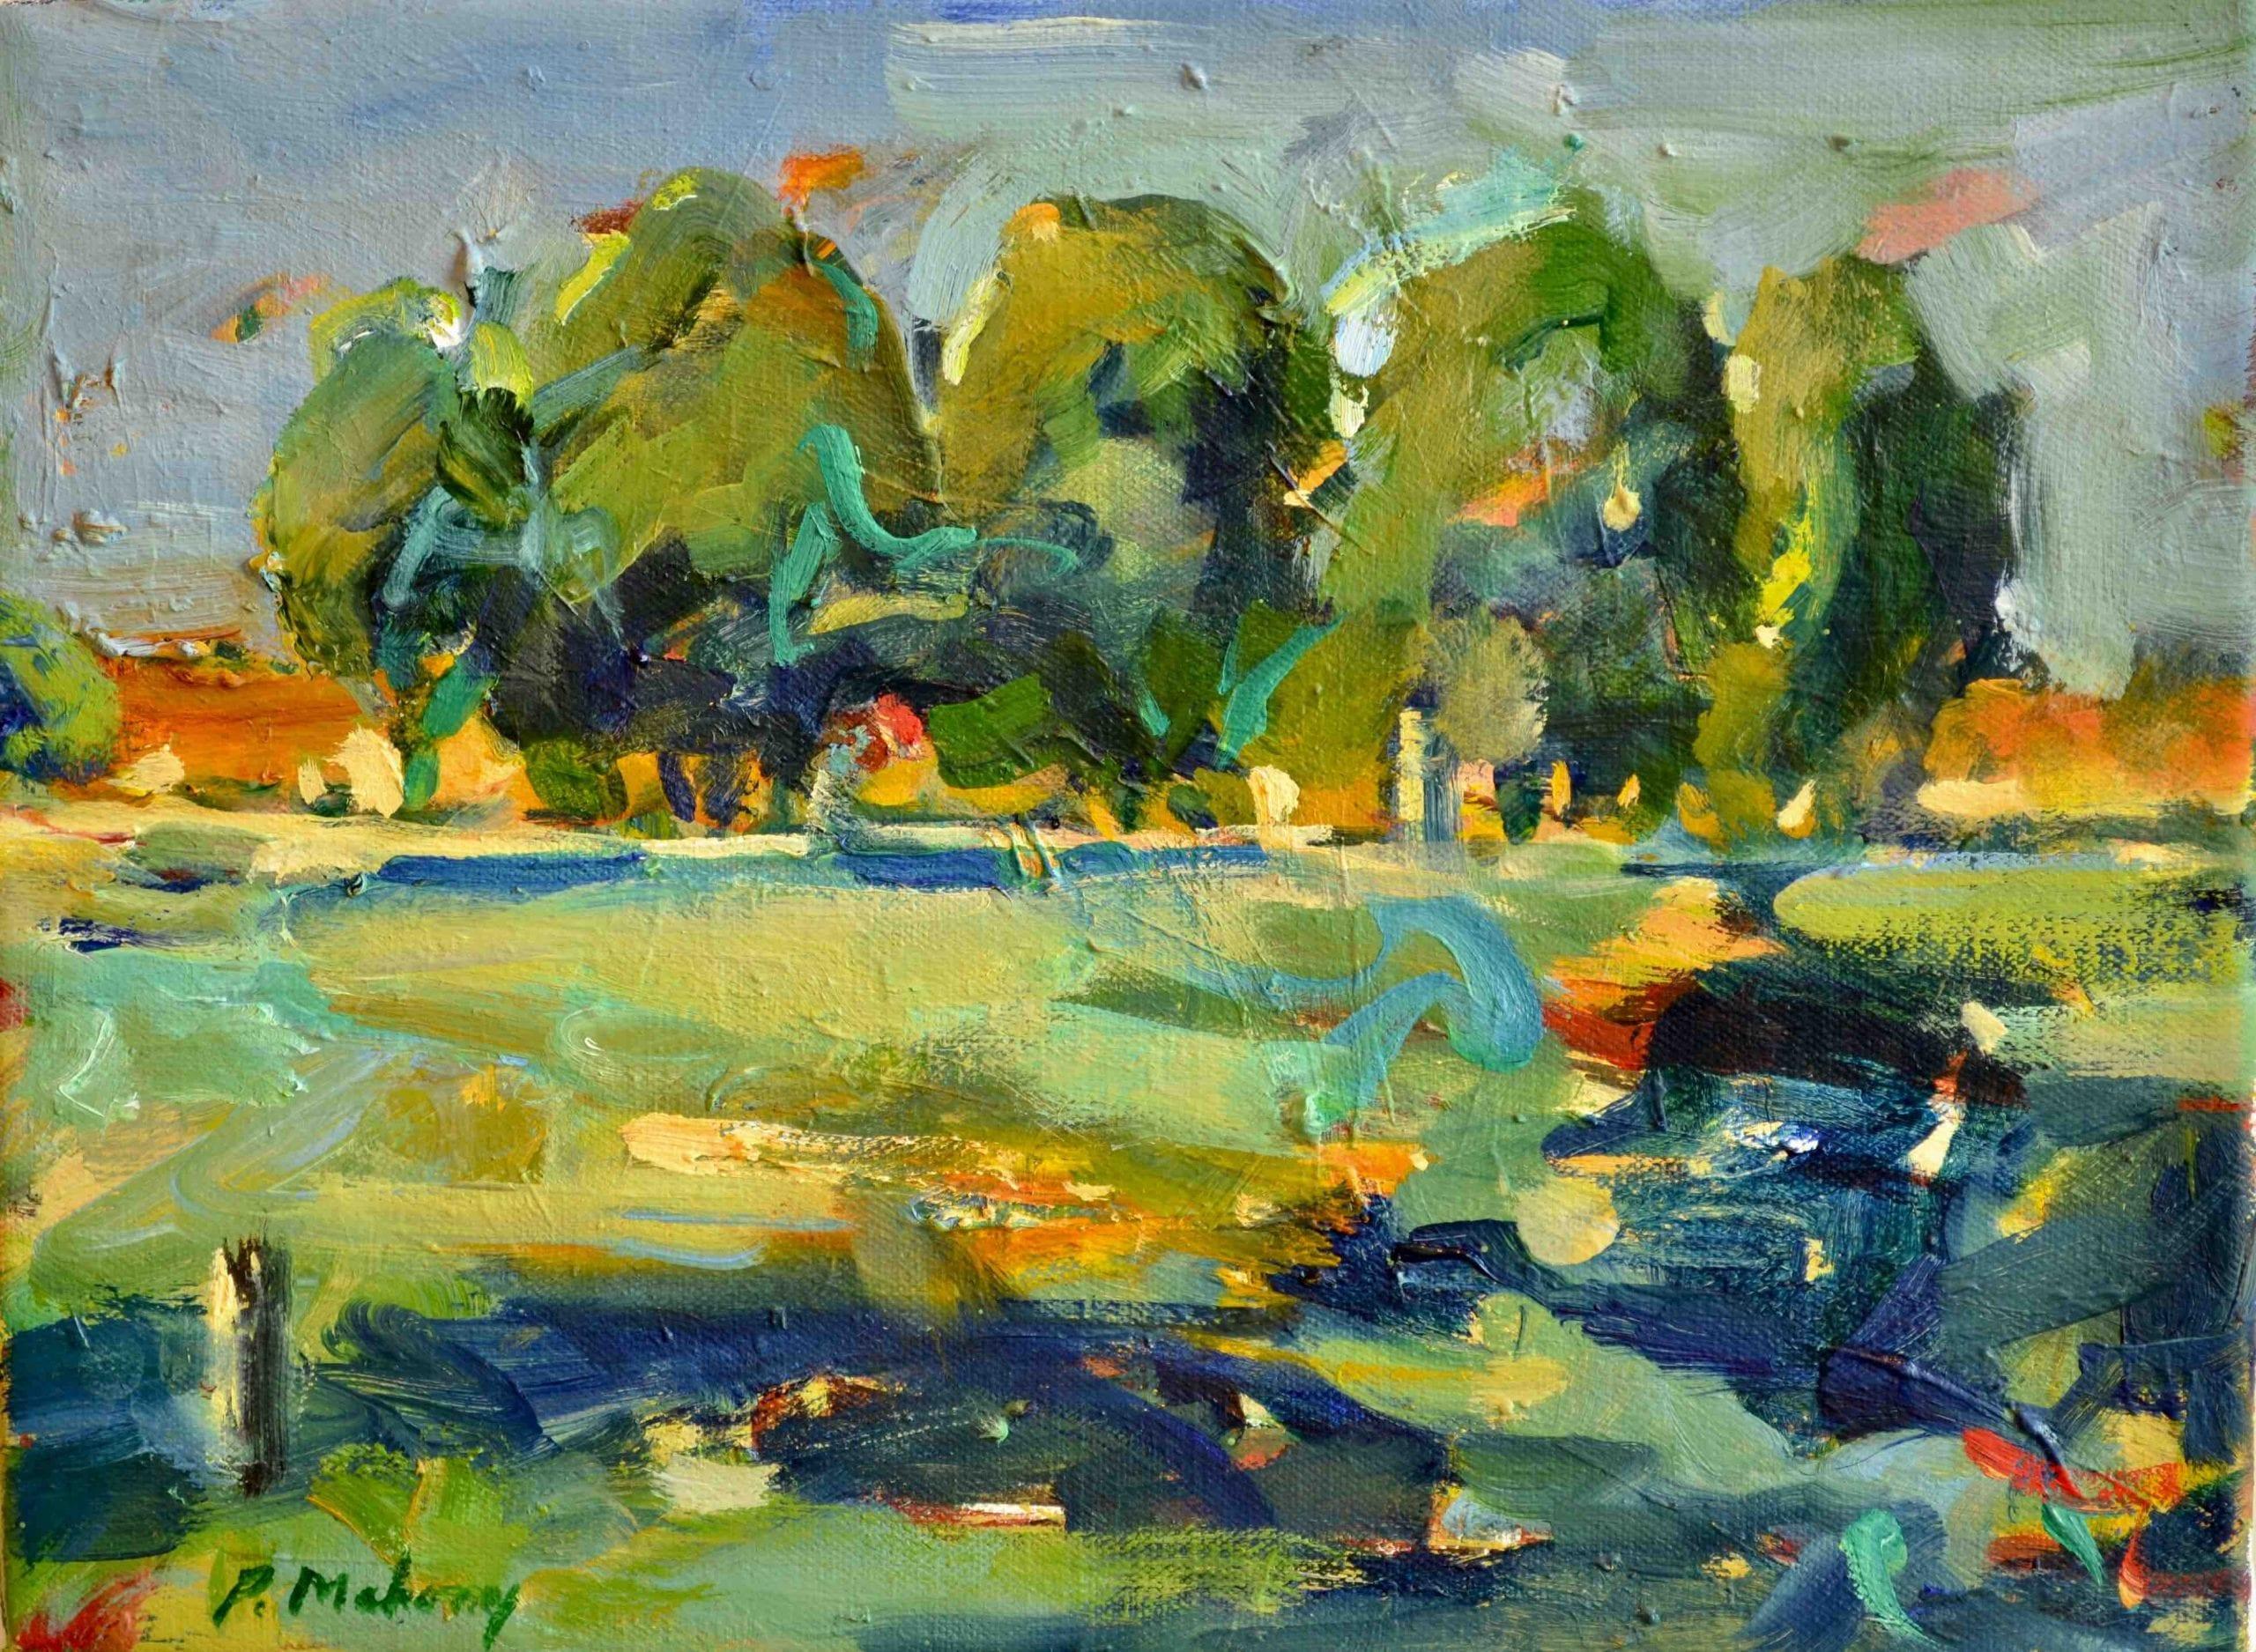 """Pat Mahony - Yolo Grove (Study) - 2020 - Oil on Canvas - 9"""" x 12"""""""